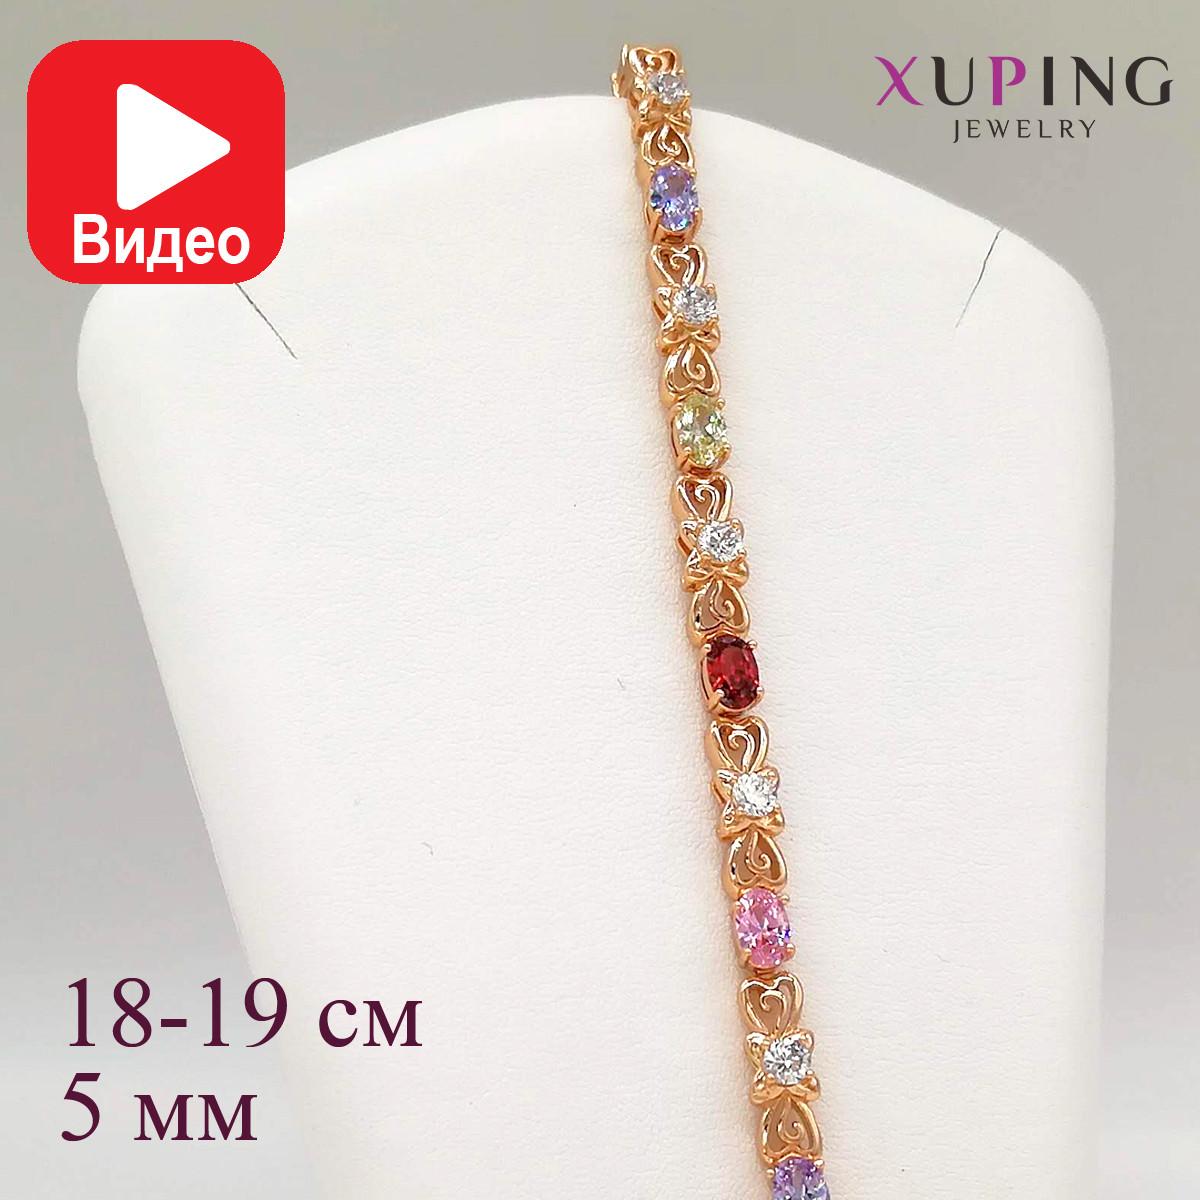 """Браслет Xuping """"Сияние"""", длина 18-19 см, ширина 5 мм, разноцветные фианиты (куб. цирконий), вес 11 г, позолота 18K, ХР00589 (19 см)"""